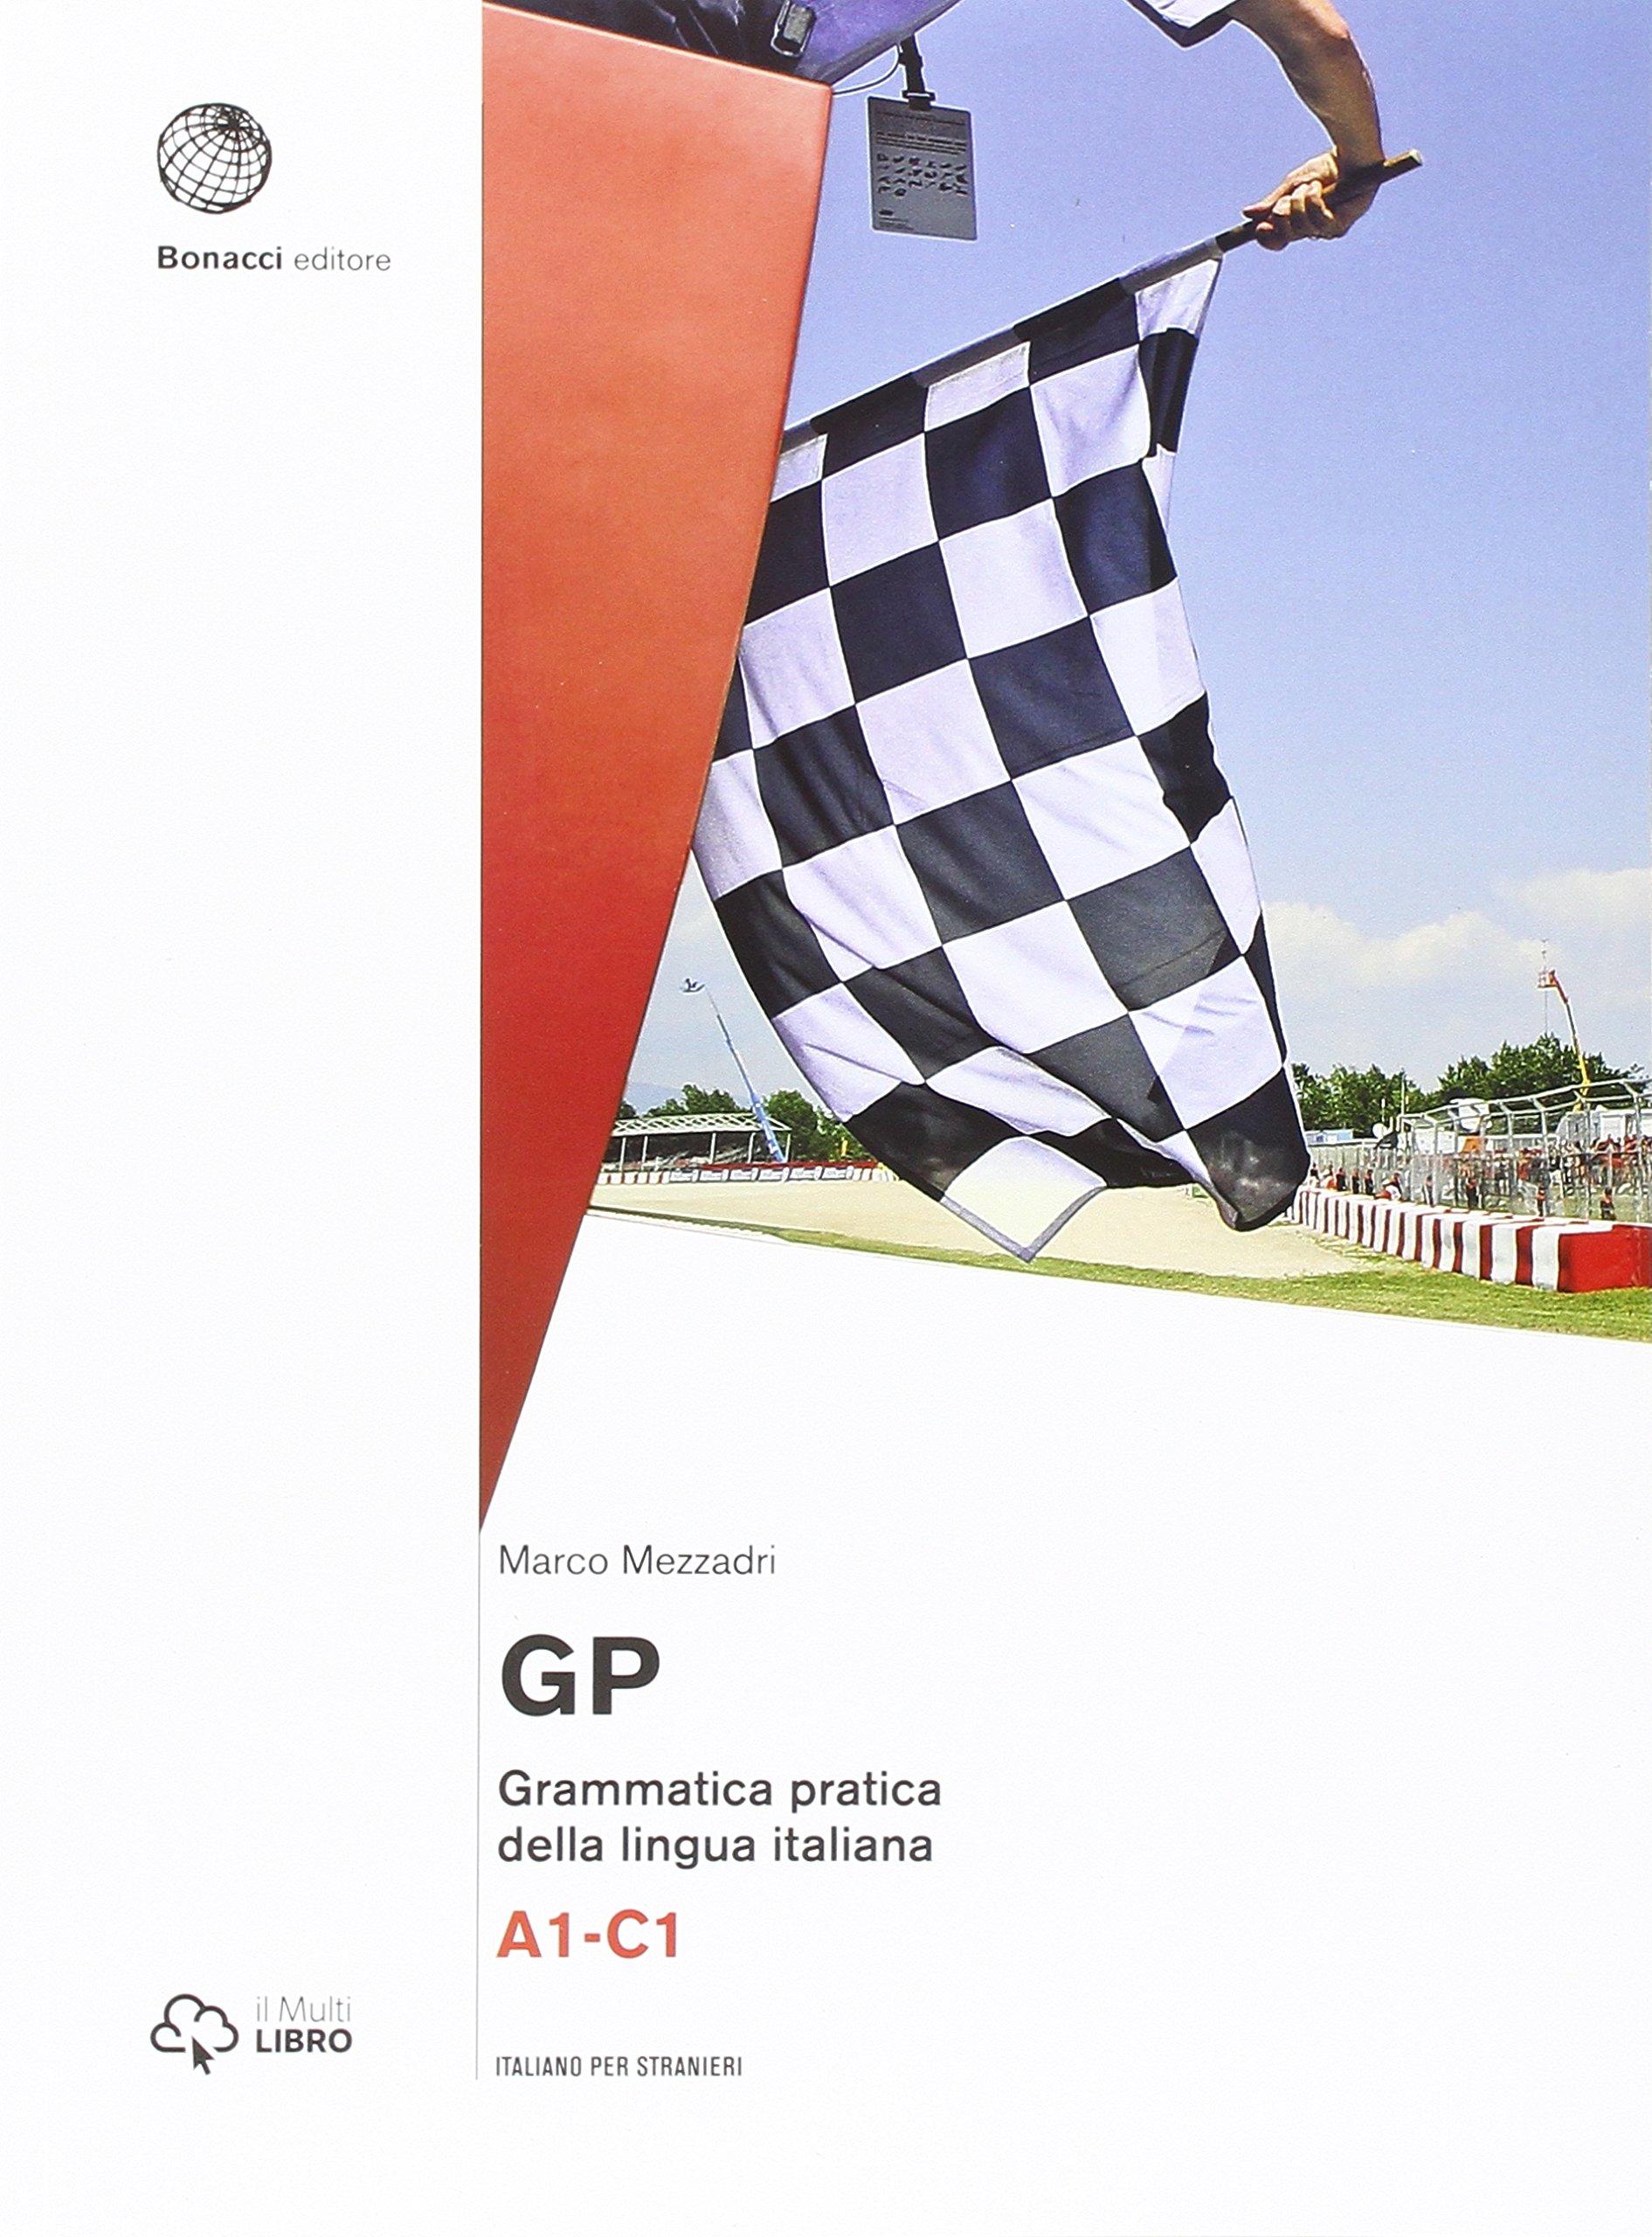 GP - Grammatica pratica della lingua italiana: A1 - C1